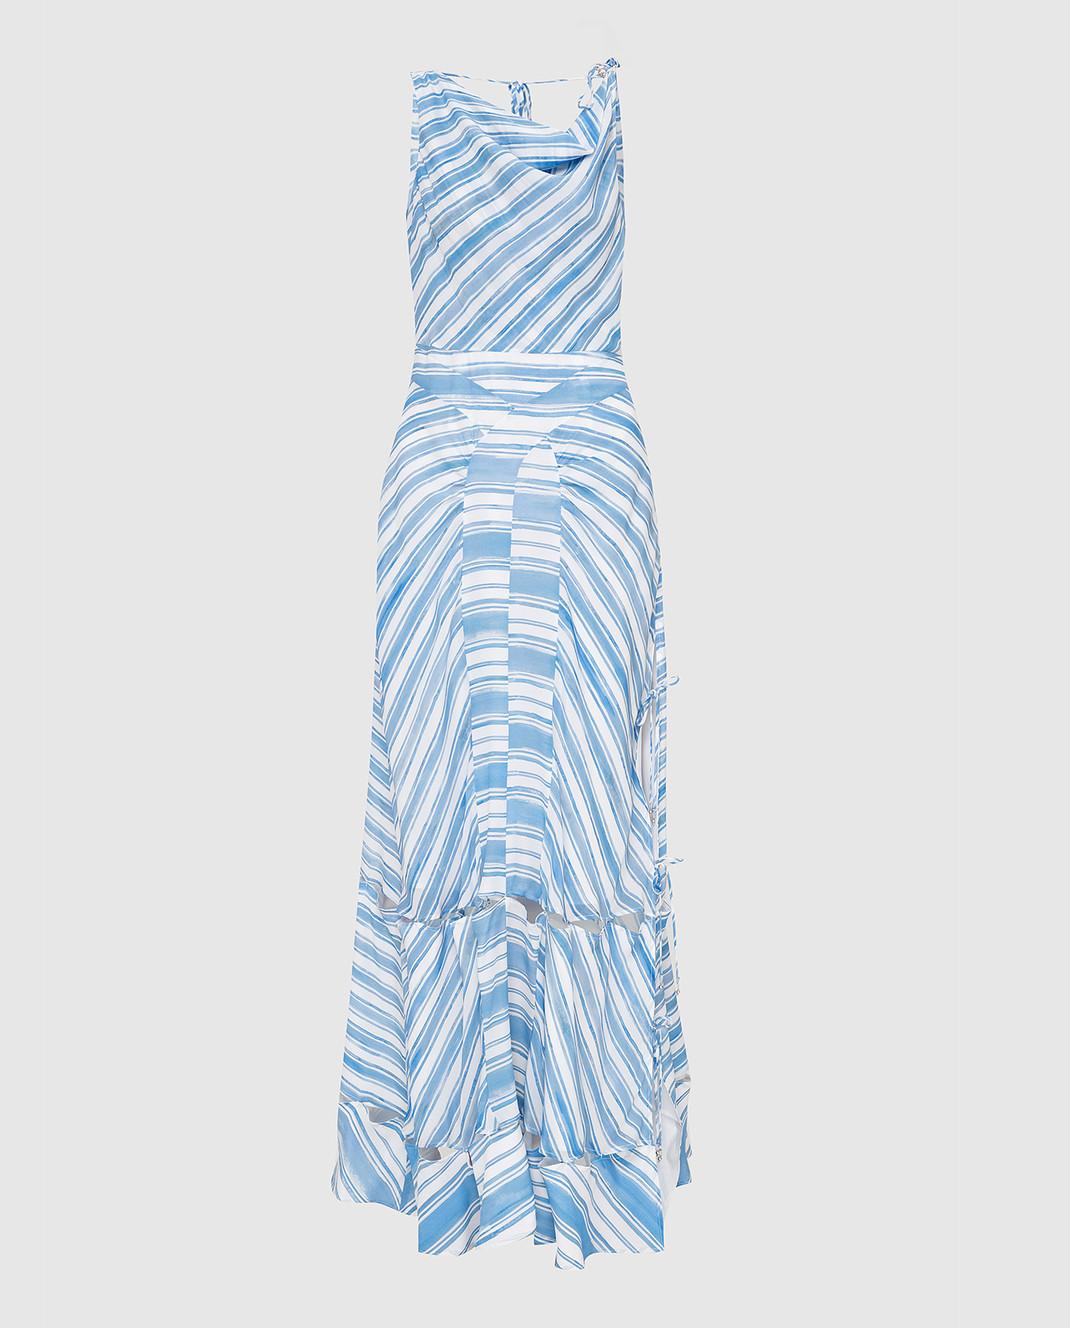 Altuzarra Голубое платье из шелка изображение 1